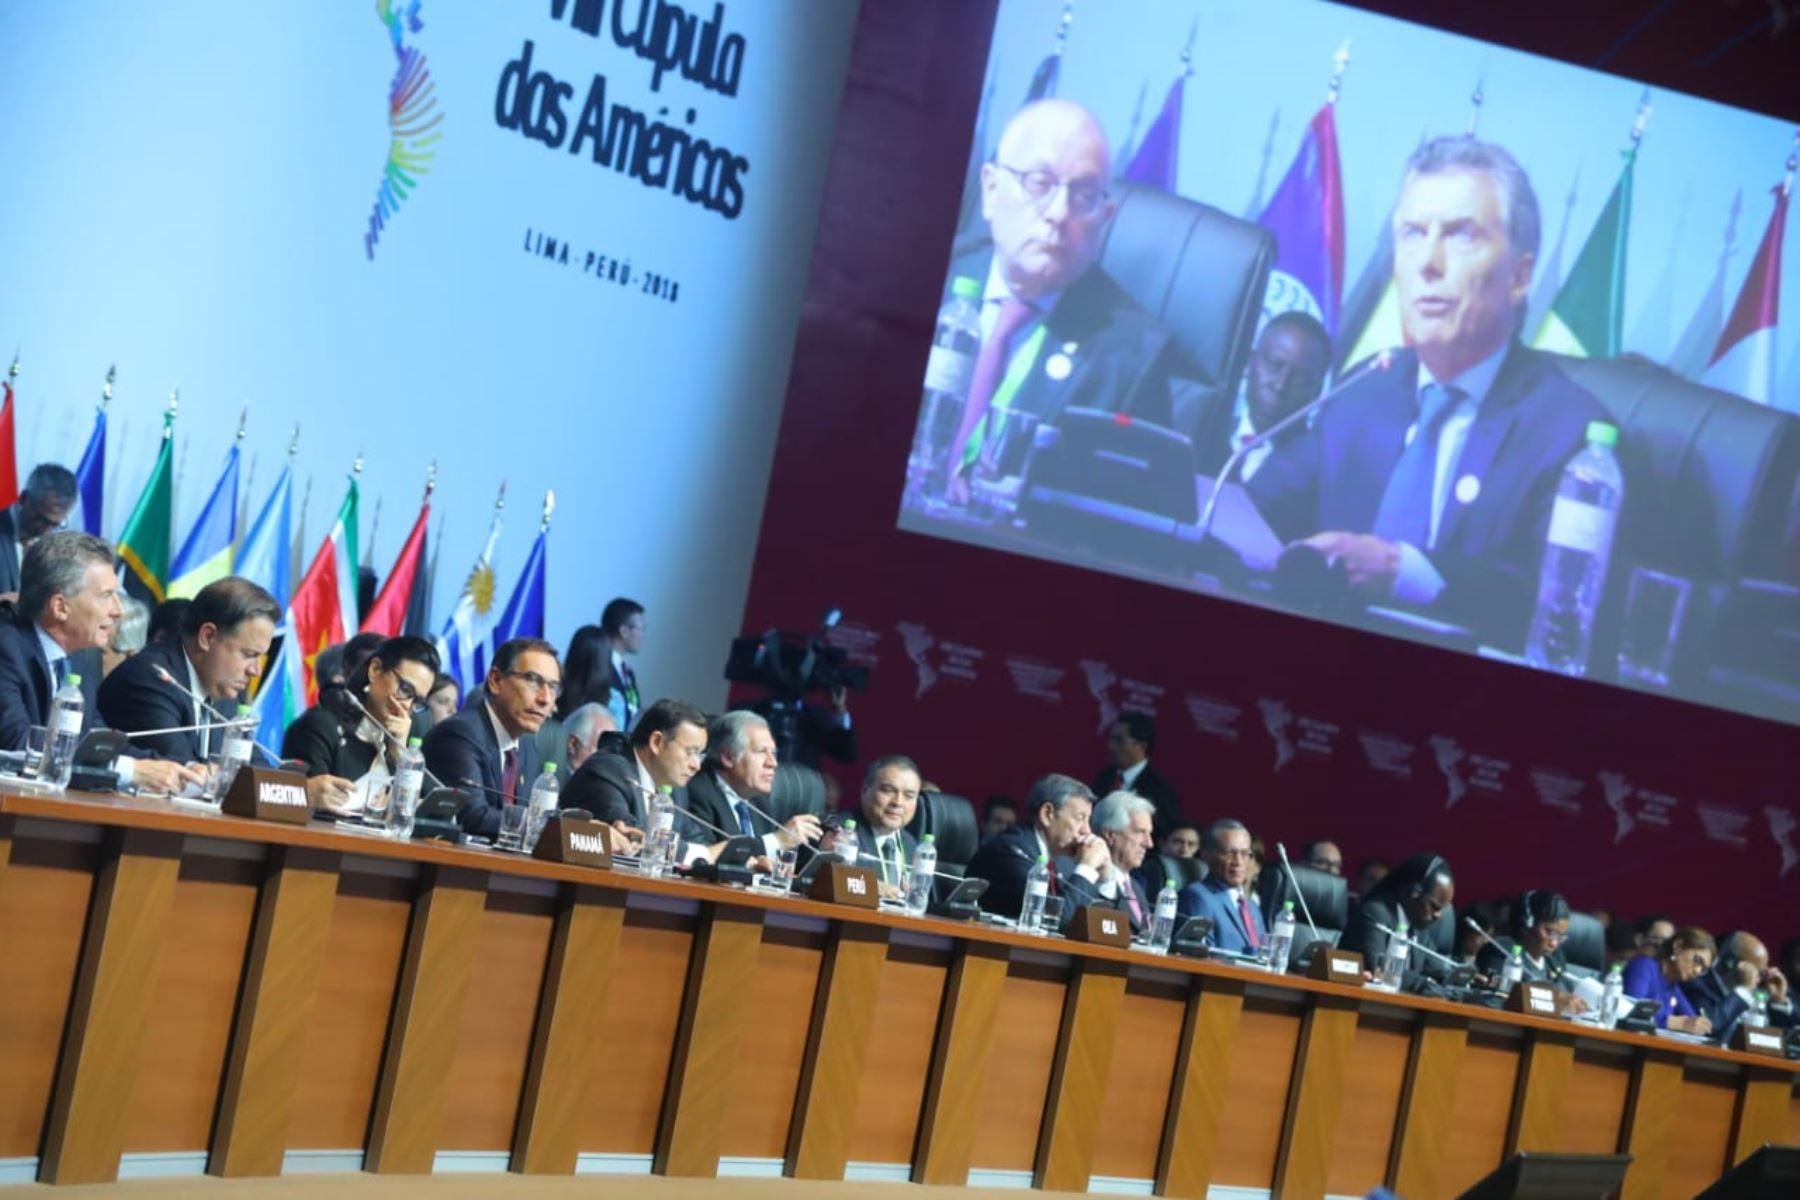 Presidente de Argentina, Mauricio Macri participa en sesión plenaria de la VIII Cumbre de las Américas en Lima. Foto: ANDINA/Prensa Presidencia